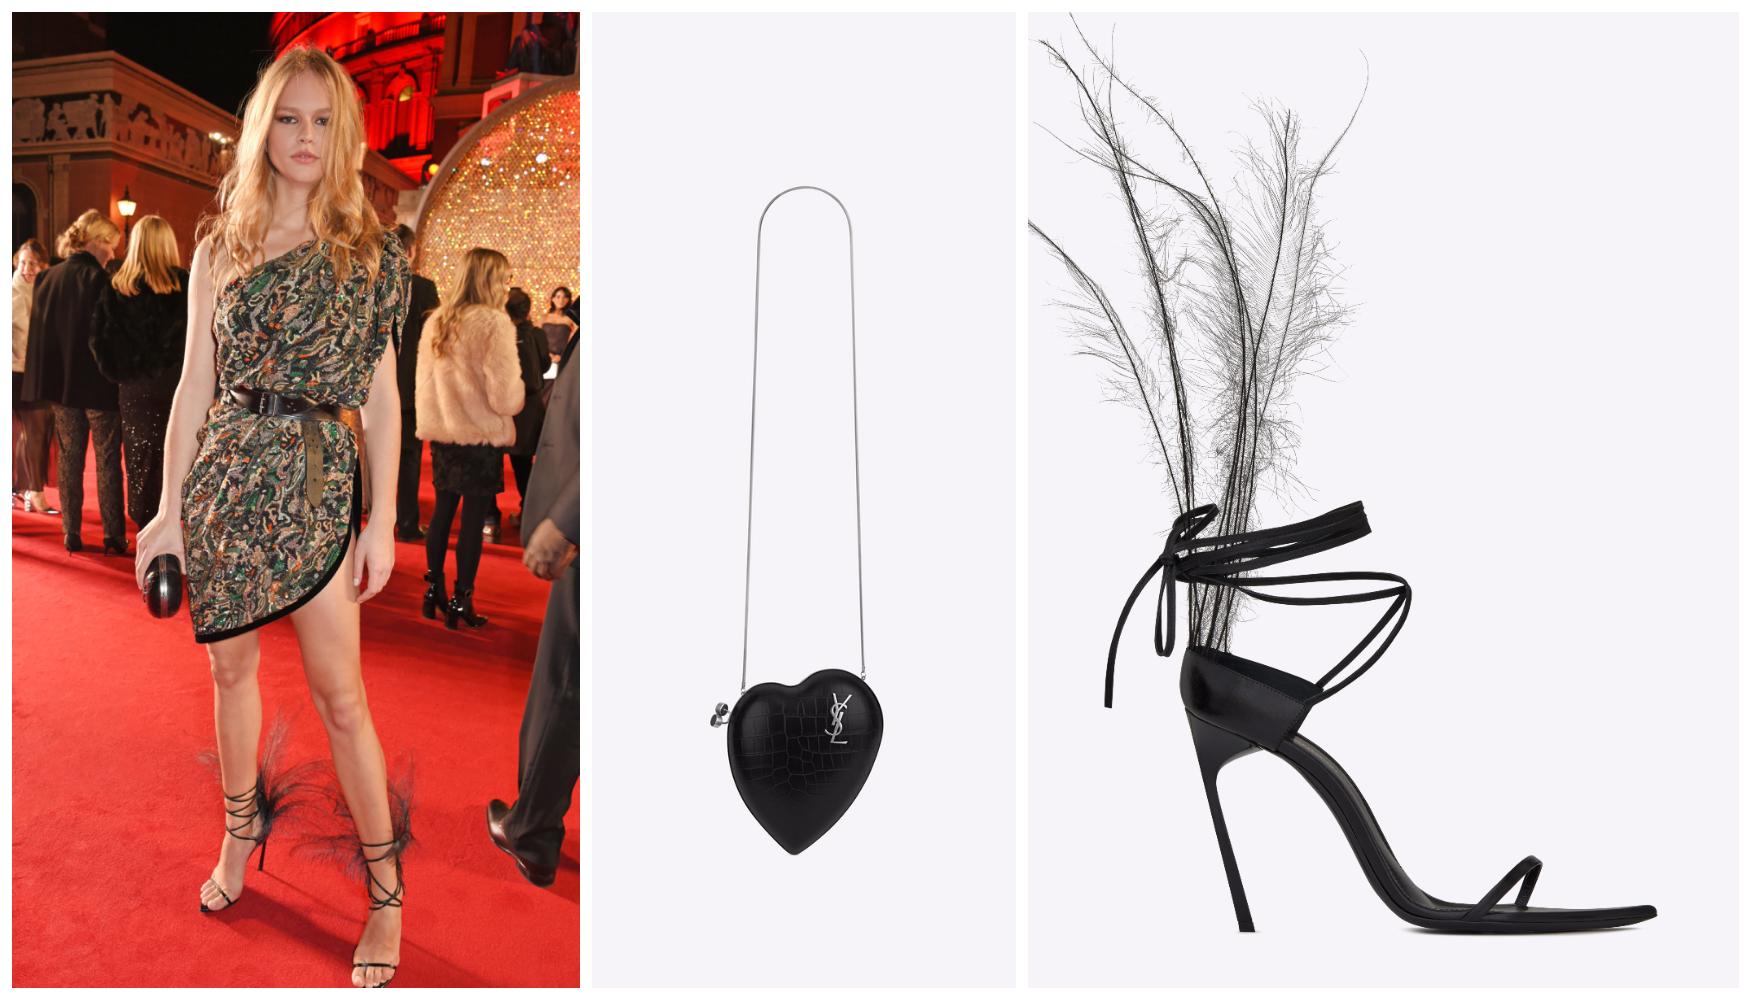 Người mẫu của năm 2015, Anna Ewers cá tính trong trang phục họa tiết và cầm ví của Saint Laurent. Điểm nhấn chính là đôi sandals đính lông ấn tượng từ BST Xuân 2018 của nhà mốt.